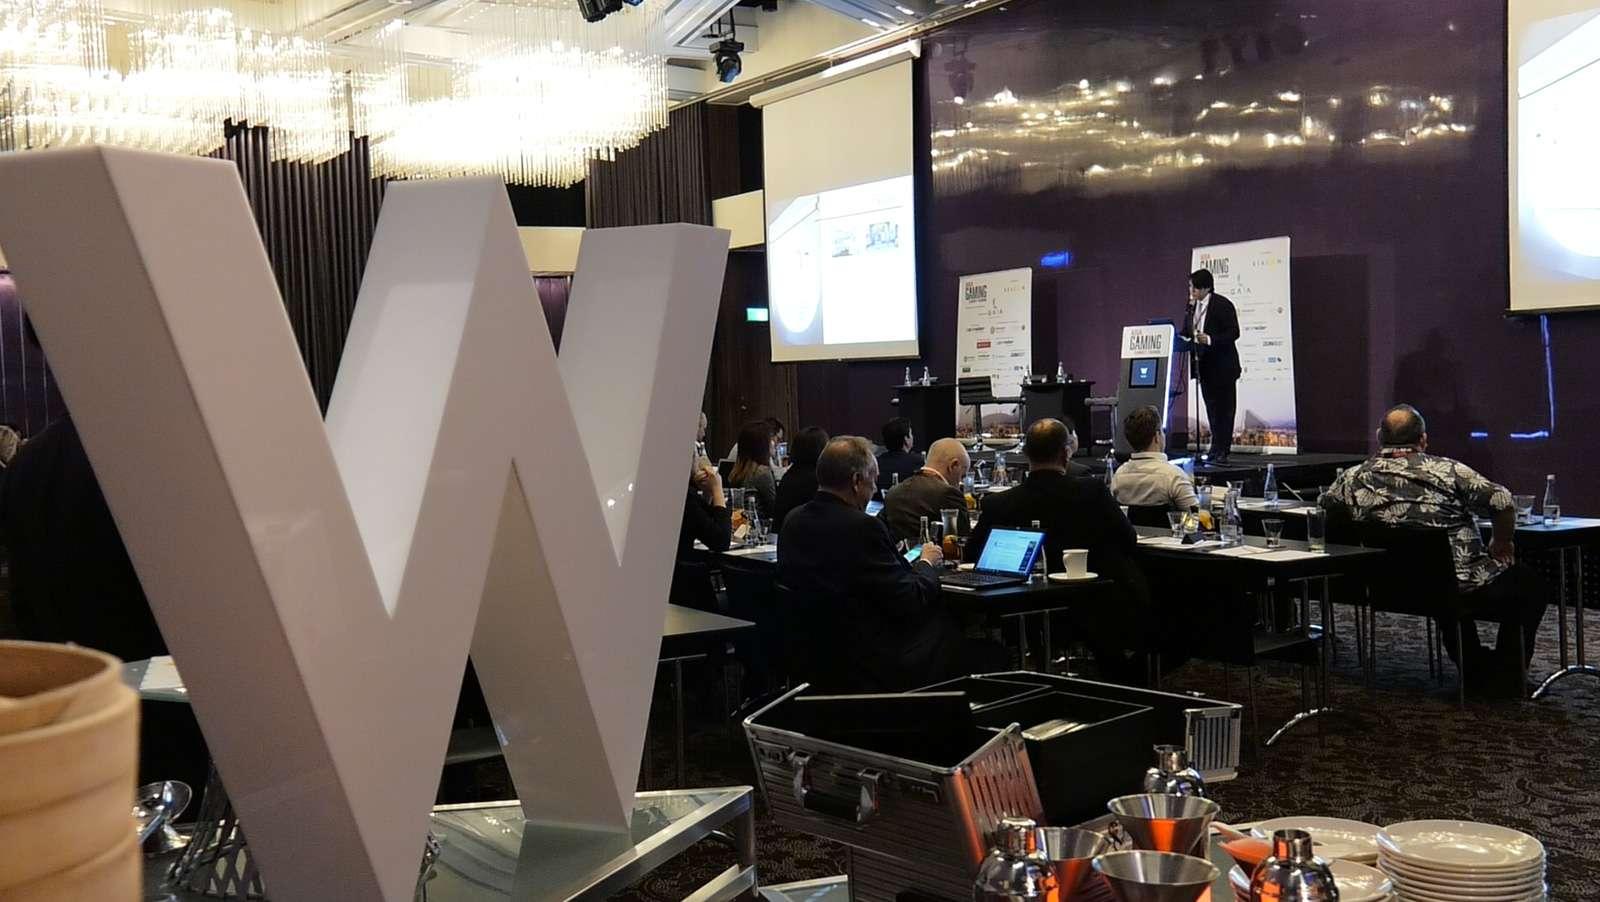 Asia Gaming Summit 2018 Day 1 recap